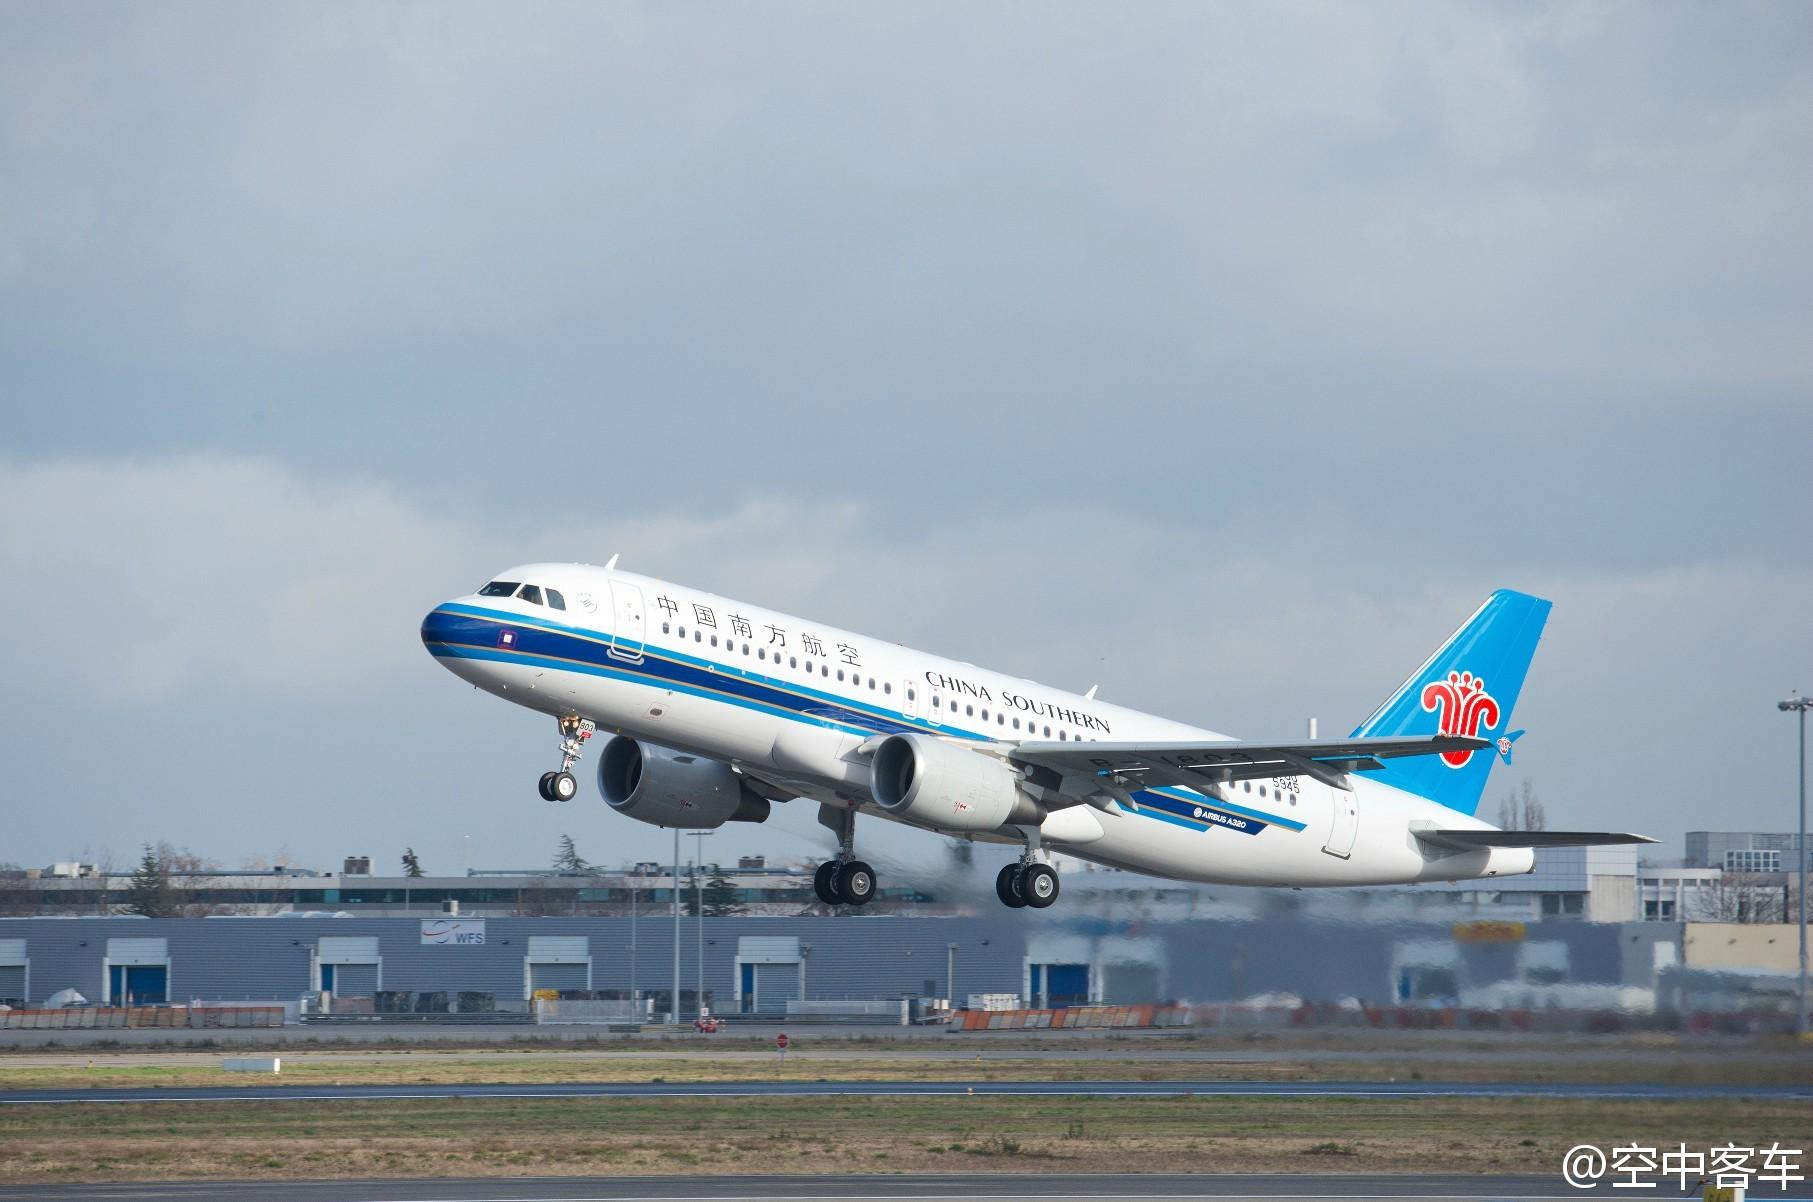 春秋航空a320-200和南方航空a320图片各一张,要高清图片